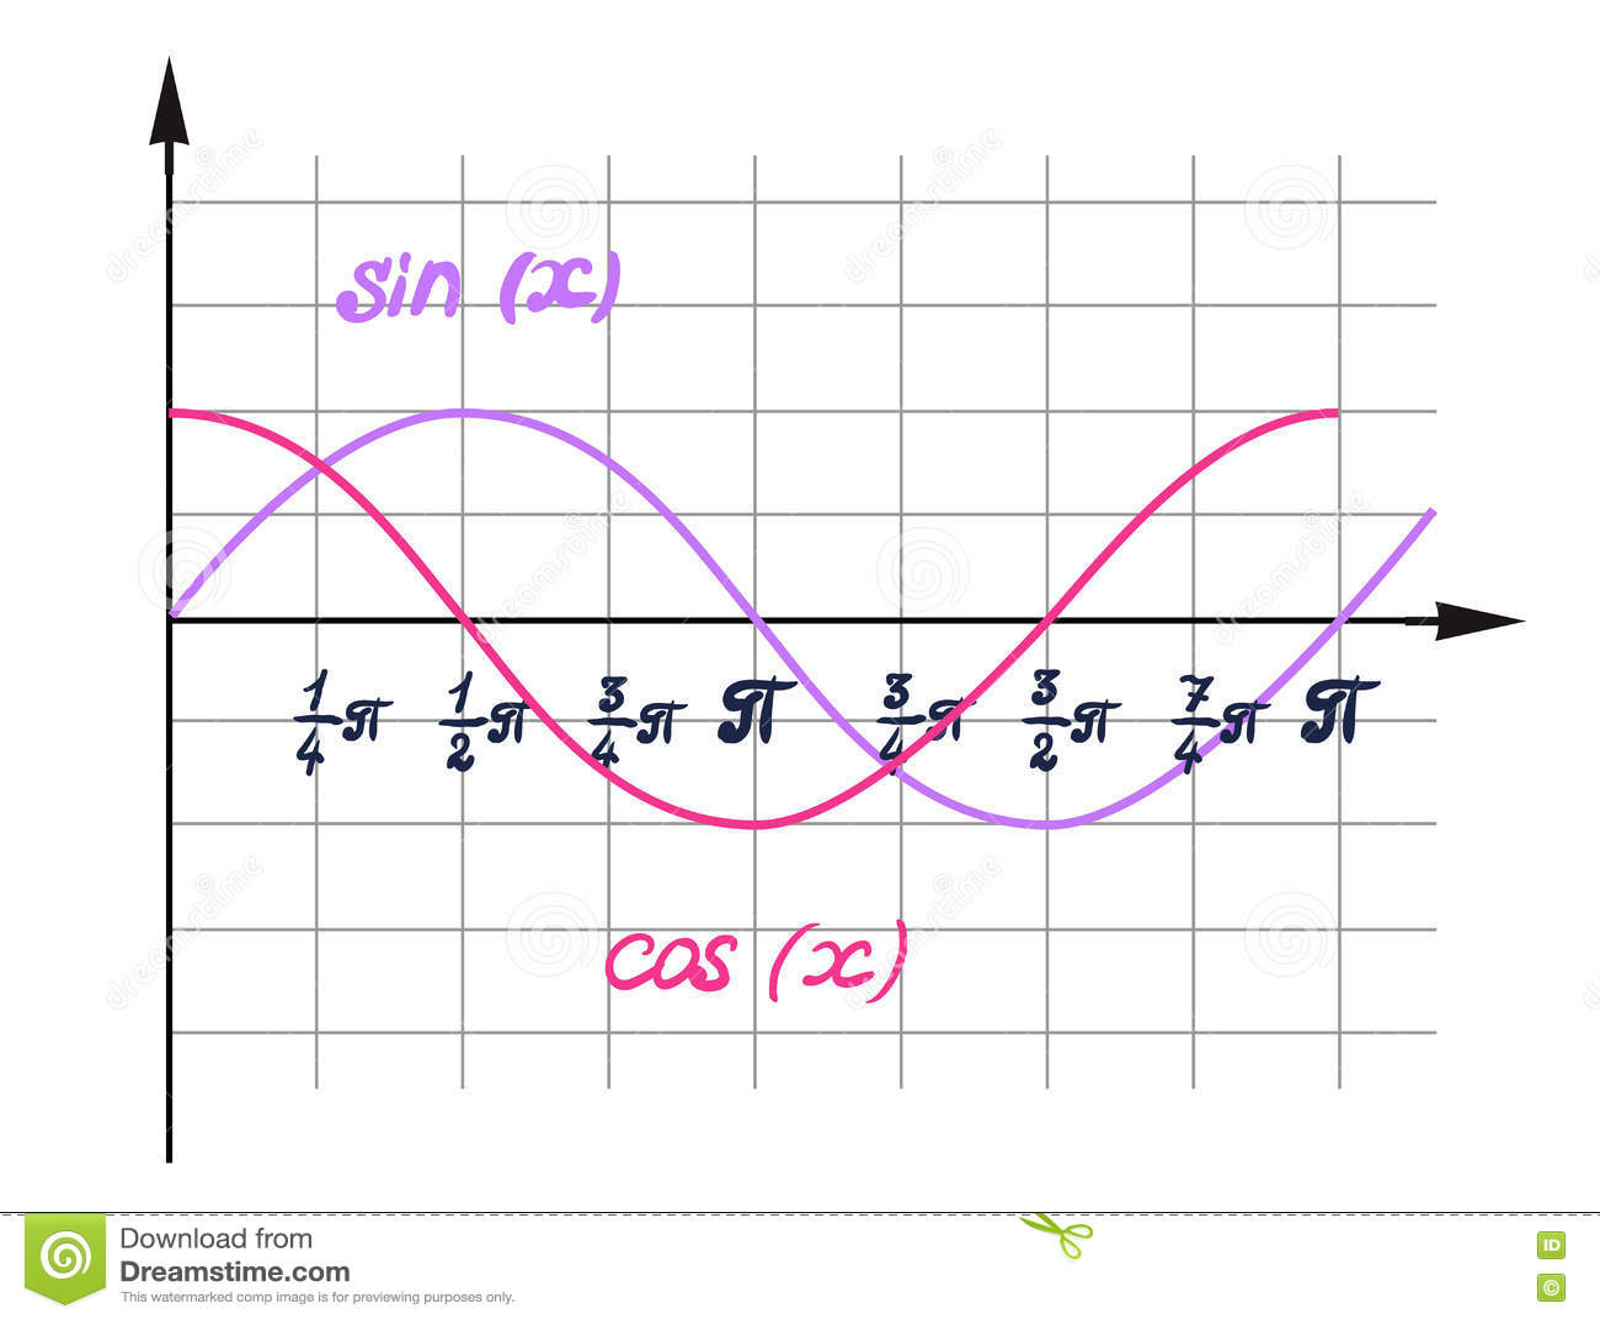 作用余弦的一个视觉表示法